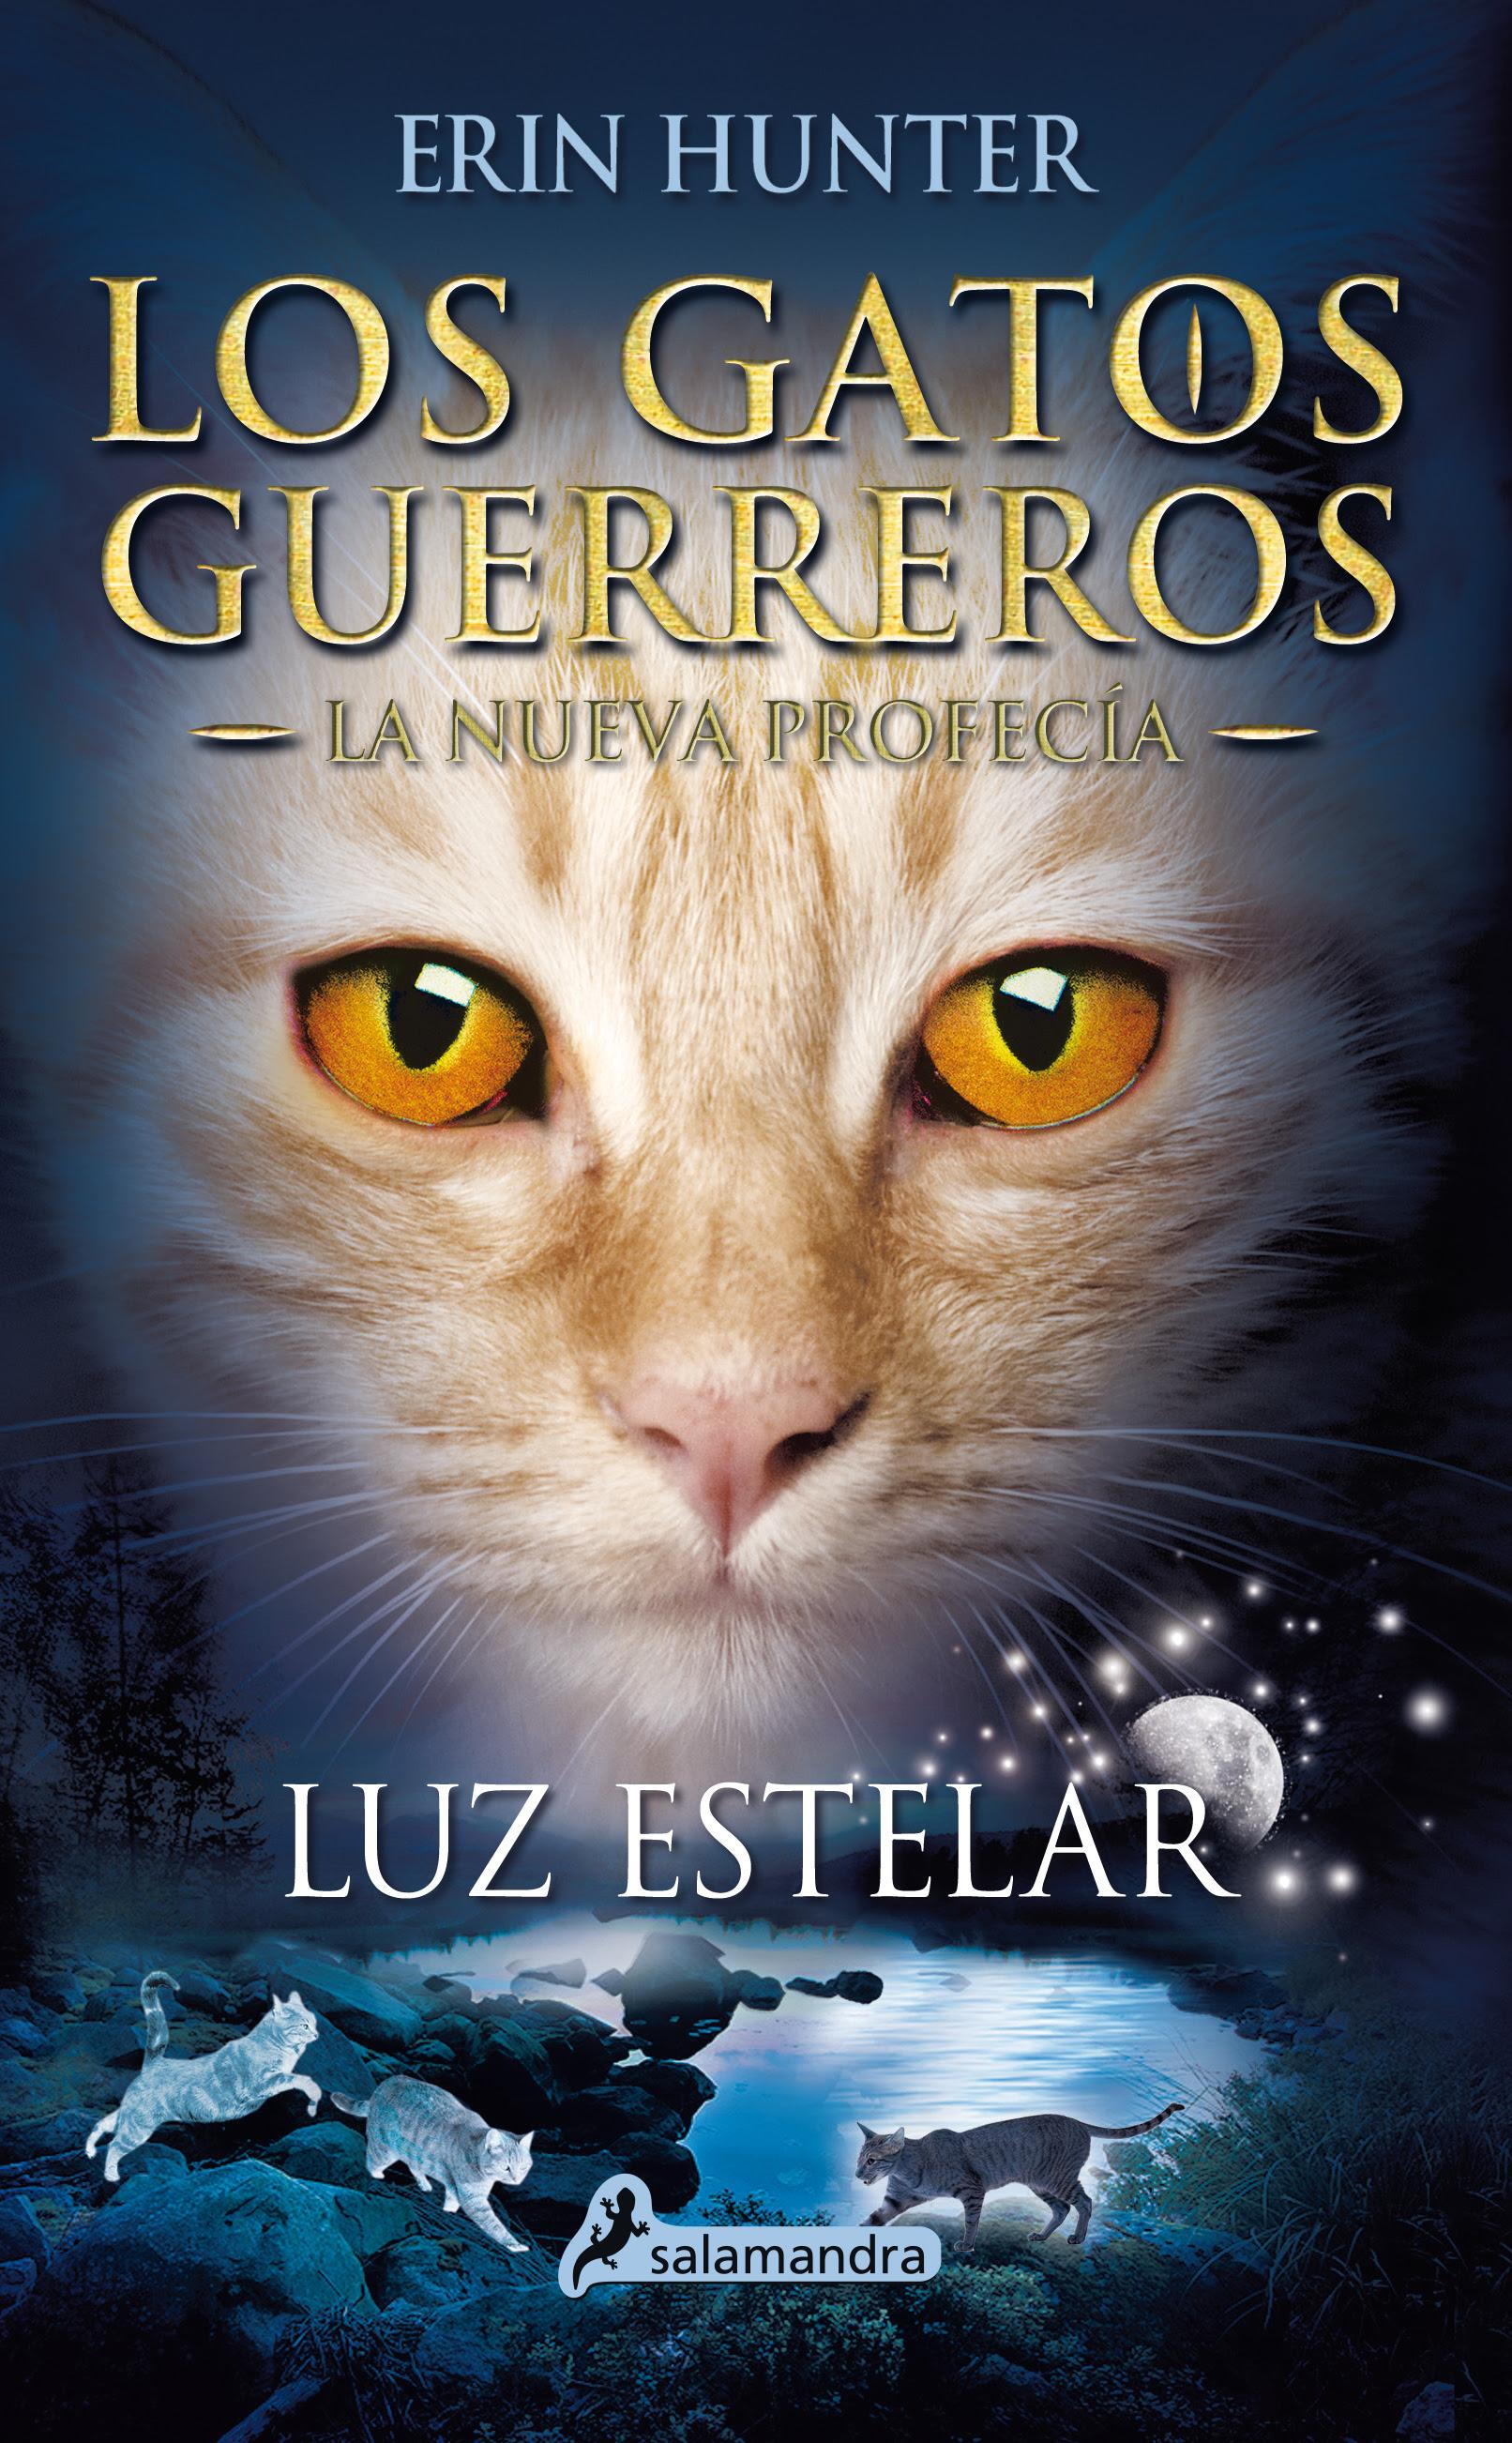 Resultado de imagen de luz estelar gatos guerreros